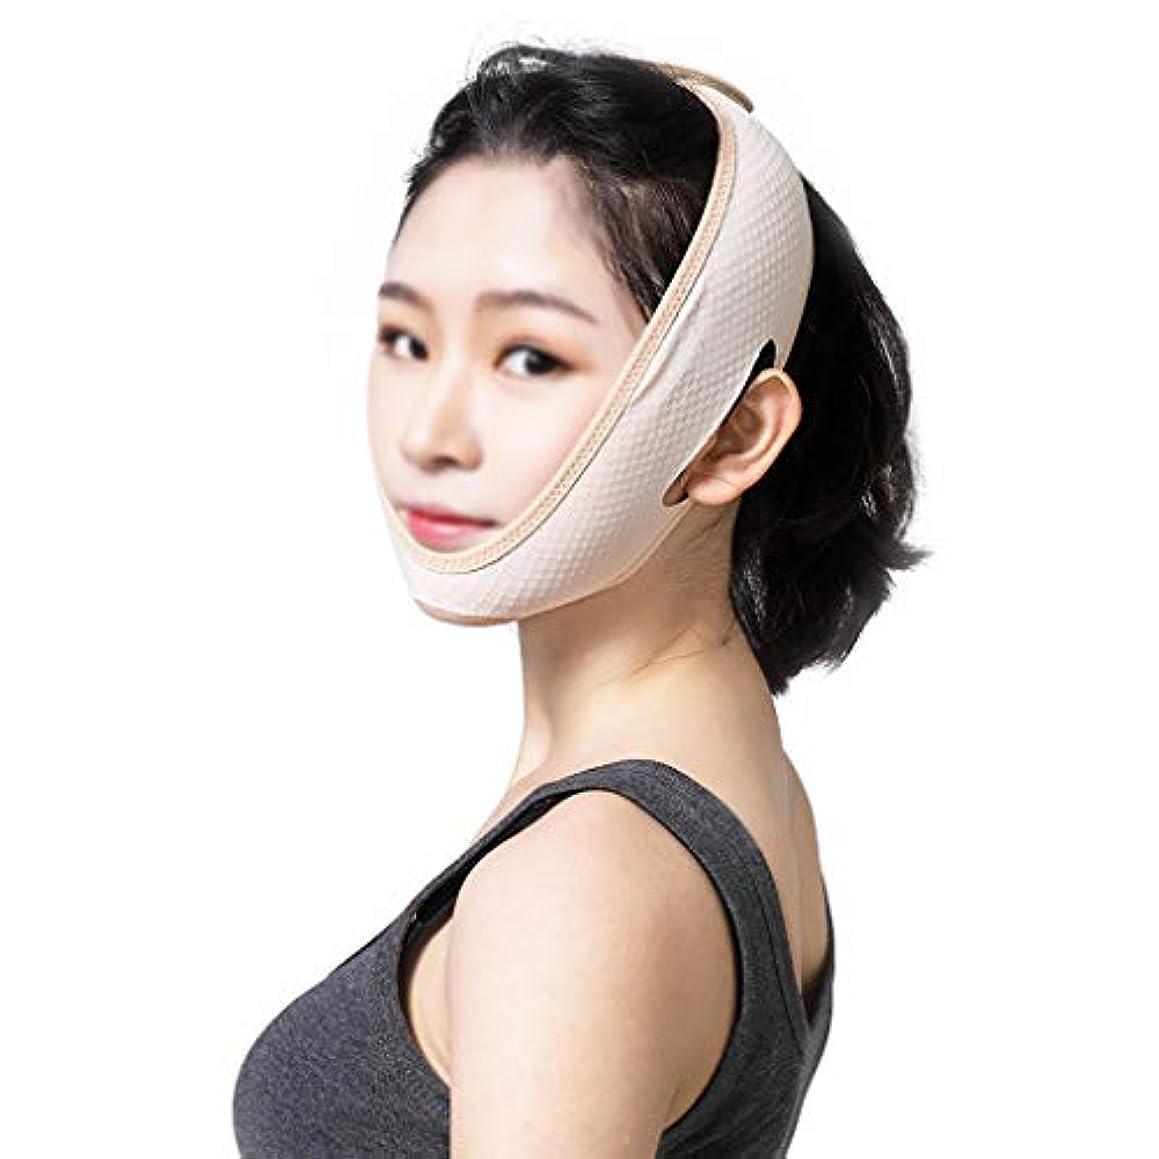 実業家フレアビルマフェイスリフトマスク医療美容ライン彫刻術後回復マスクvフェイスリフティングタイトヘッドギアあごあご包帯薄い顔楽器アーティファクト